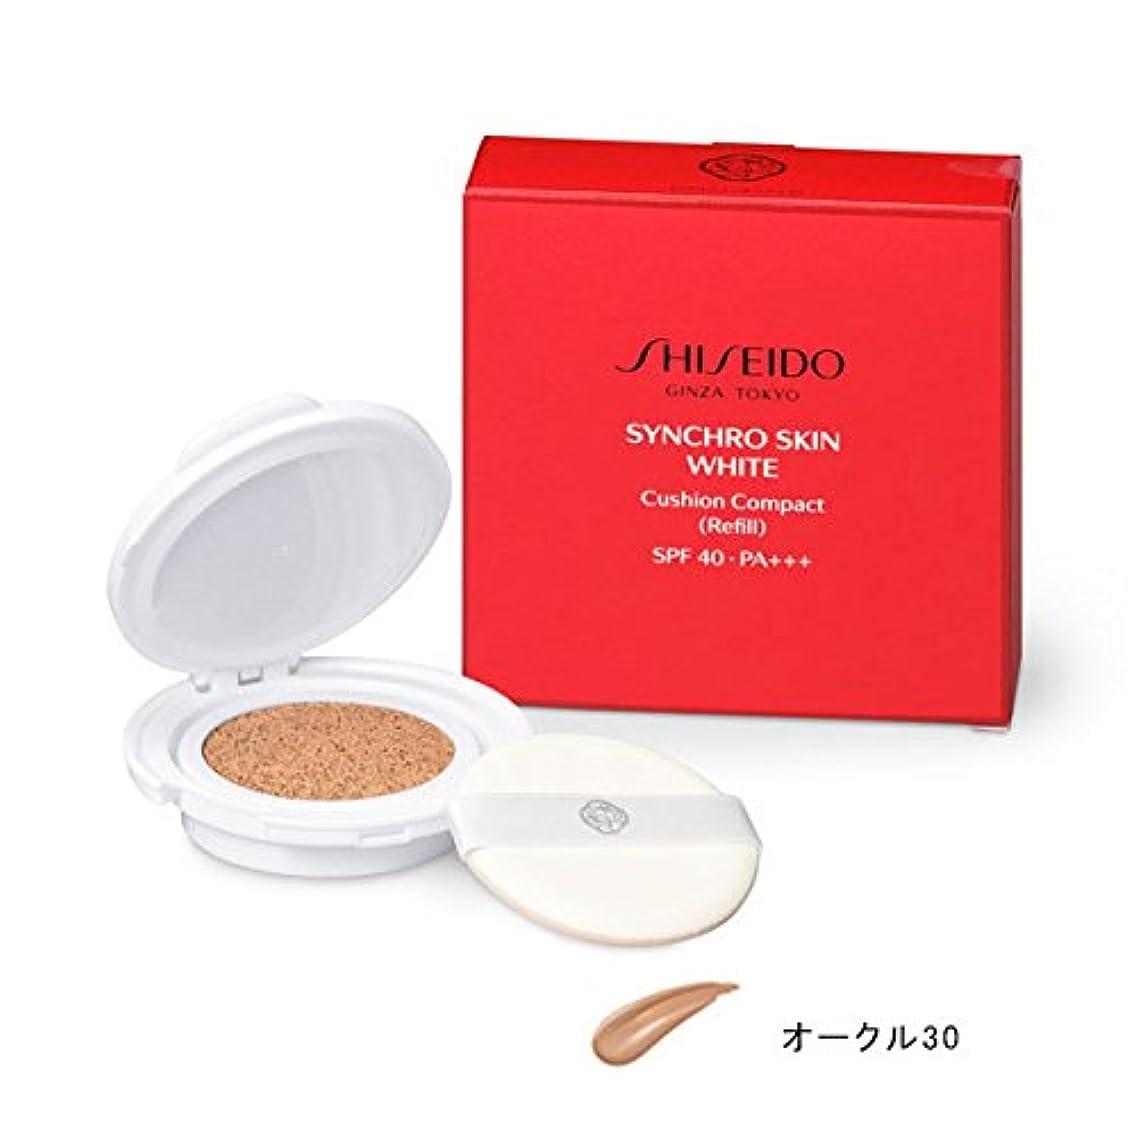 華氏リハーサル道路を作るプロセスSHISEIDO Makeup(資生堂 メーキャップ) SHISEIDO(資生堂) シンクロスキン ホワイト クッションコンパクト WT レフィル(医薬部外品) (オークル30)